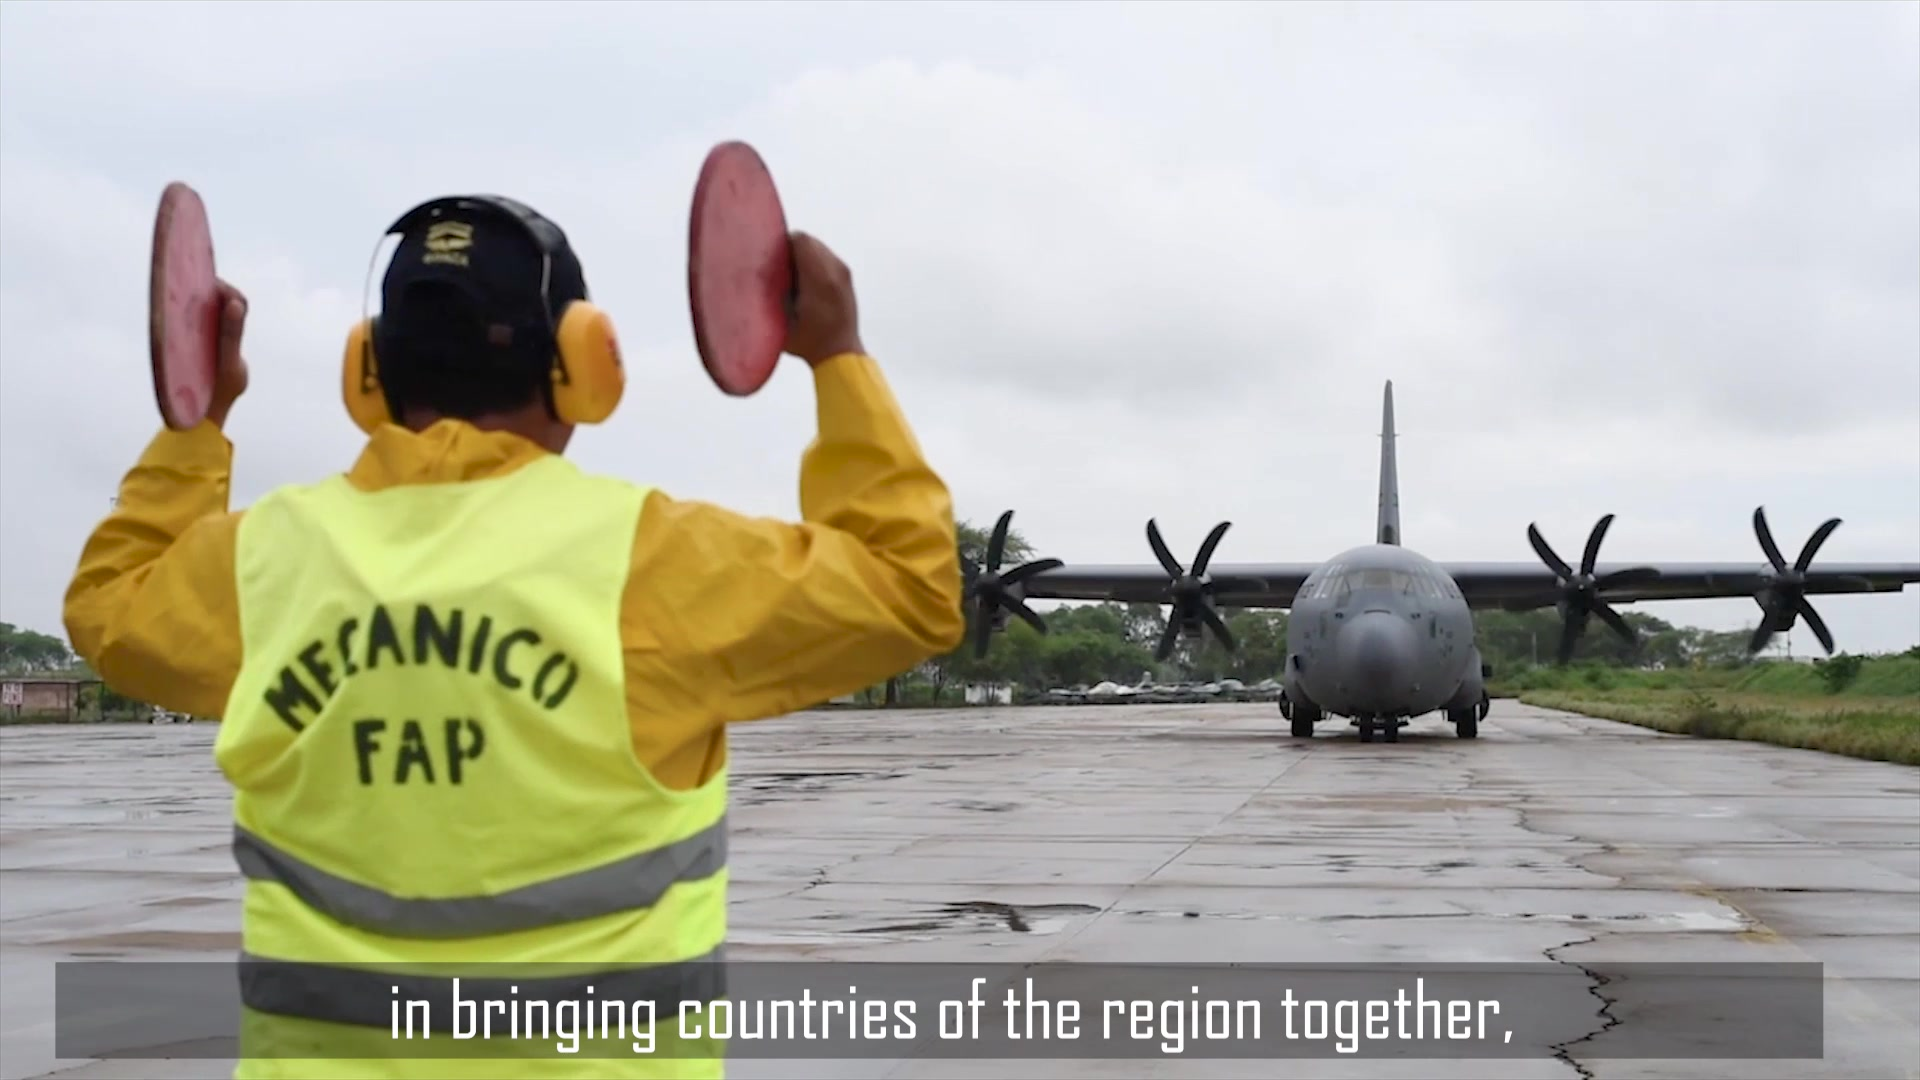 Unidos-Aliados. Este es el lema del Sistema de Cooperación entre las Fuerzas Aéreas Americanas, o SICOFAA. La organización es una colección de más de 20 fuerzas aéreas de todo el hemisferio occidental que trabajan juntas para combatir desastres naturales y crisis de ayuda humanitaria en toda la región.